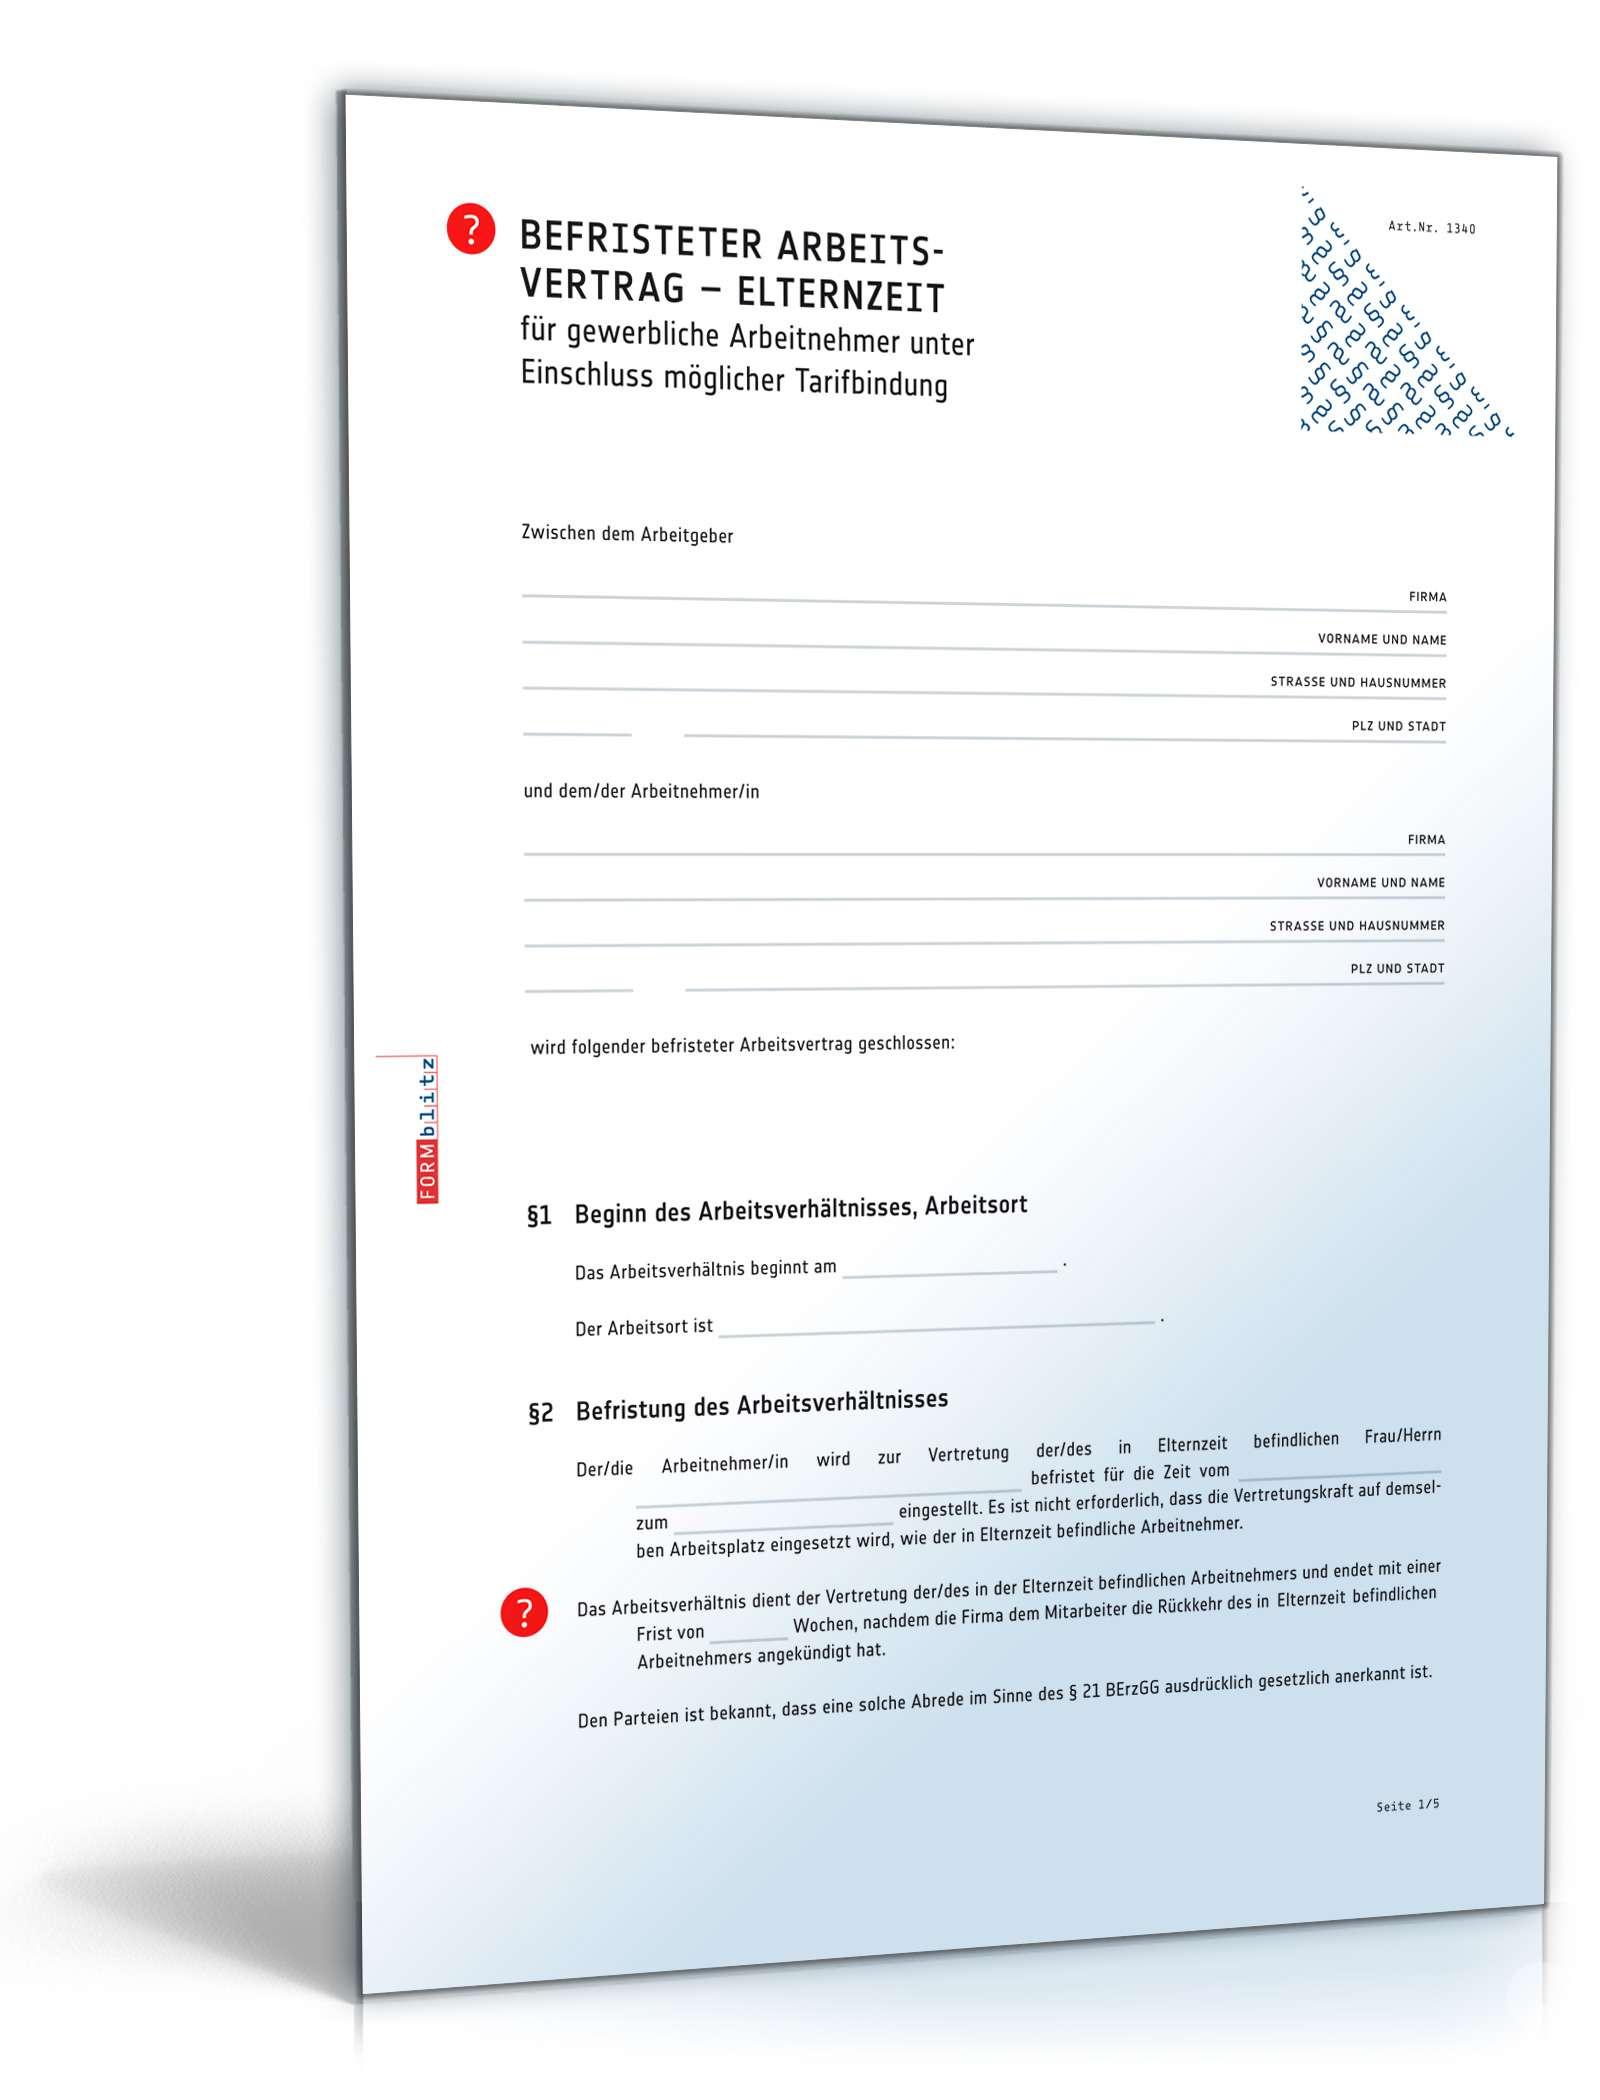 Befristeter Arbeitsvertrag Elternzeit Mit Tarif Muster Zum Download